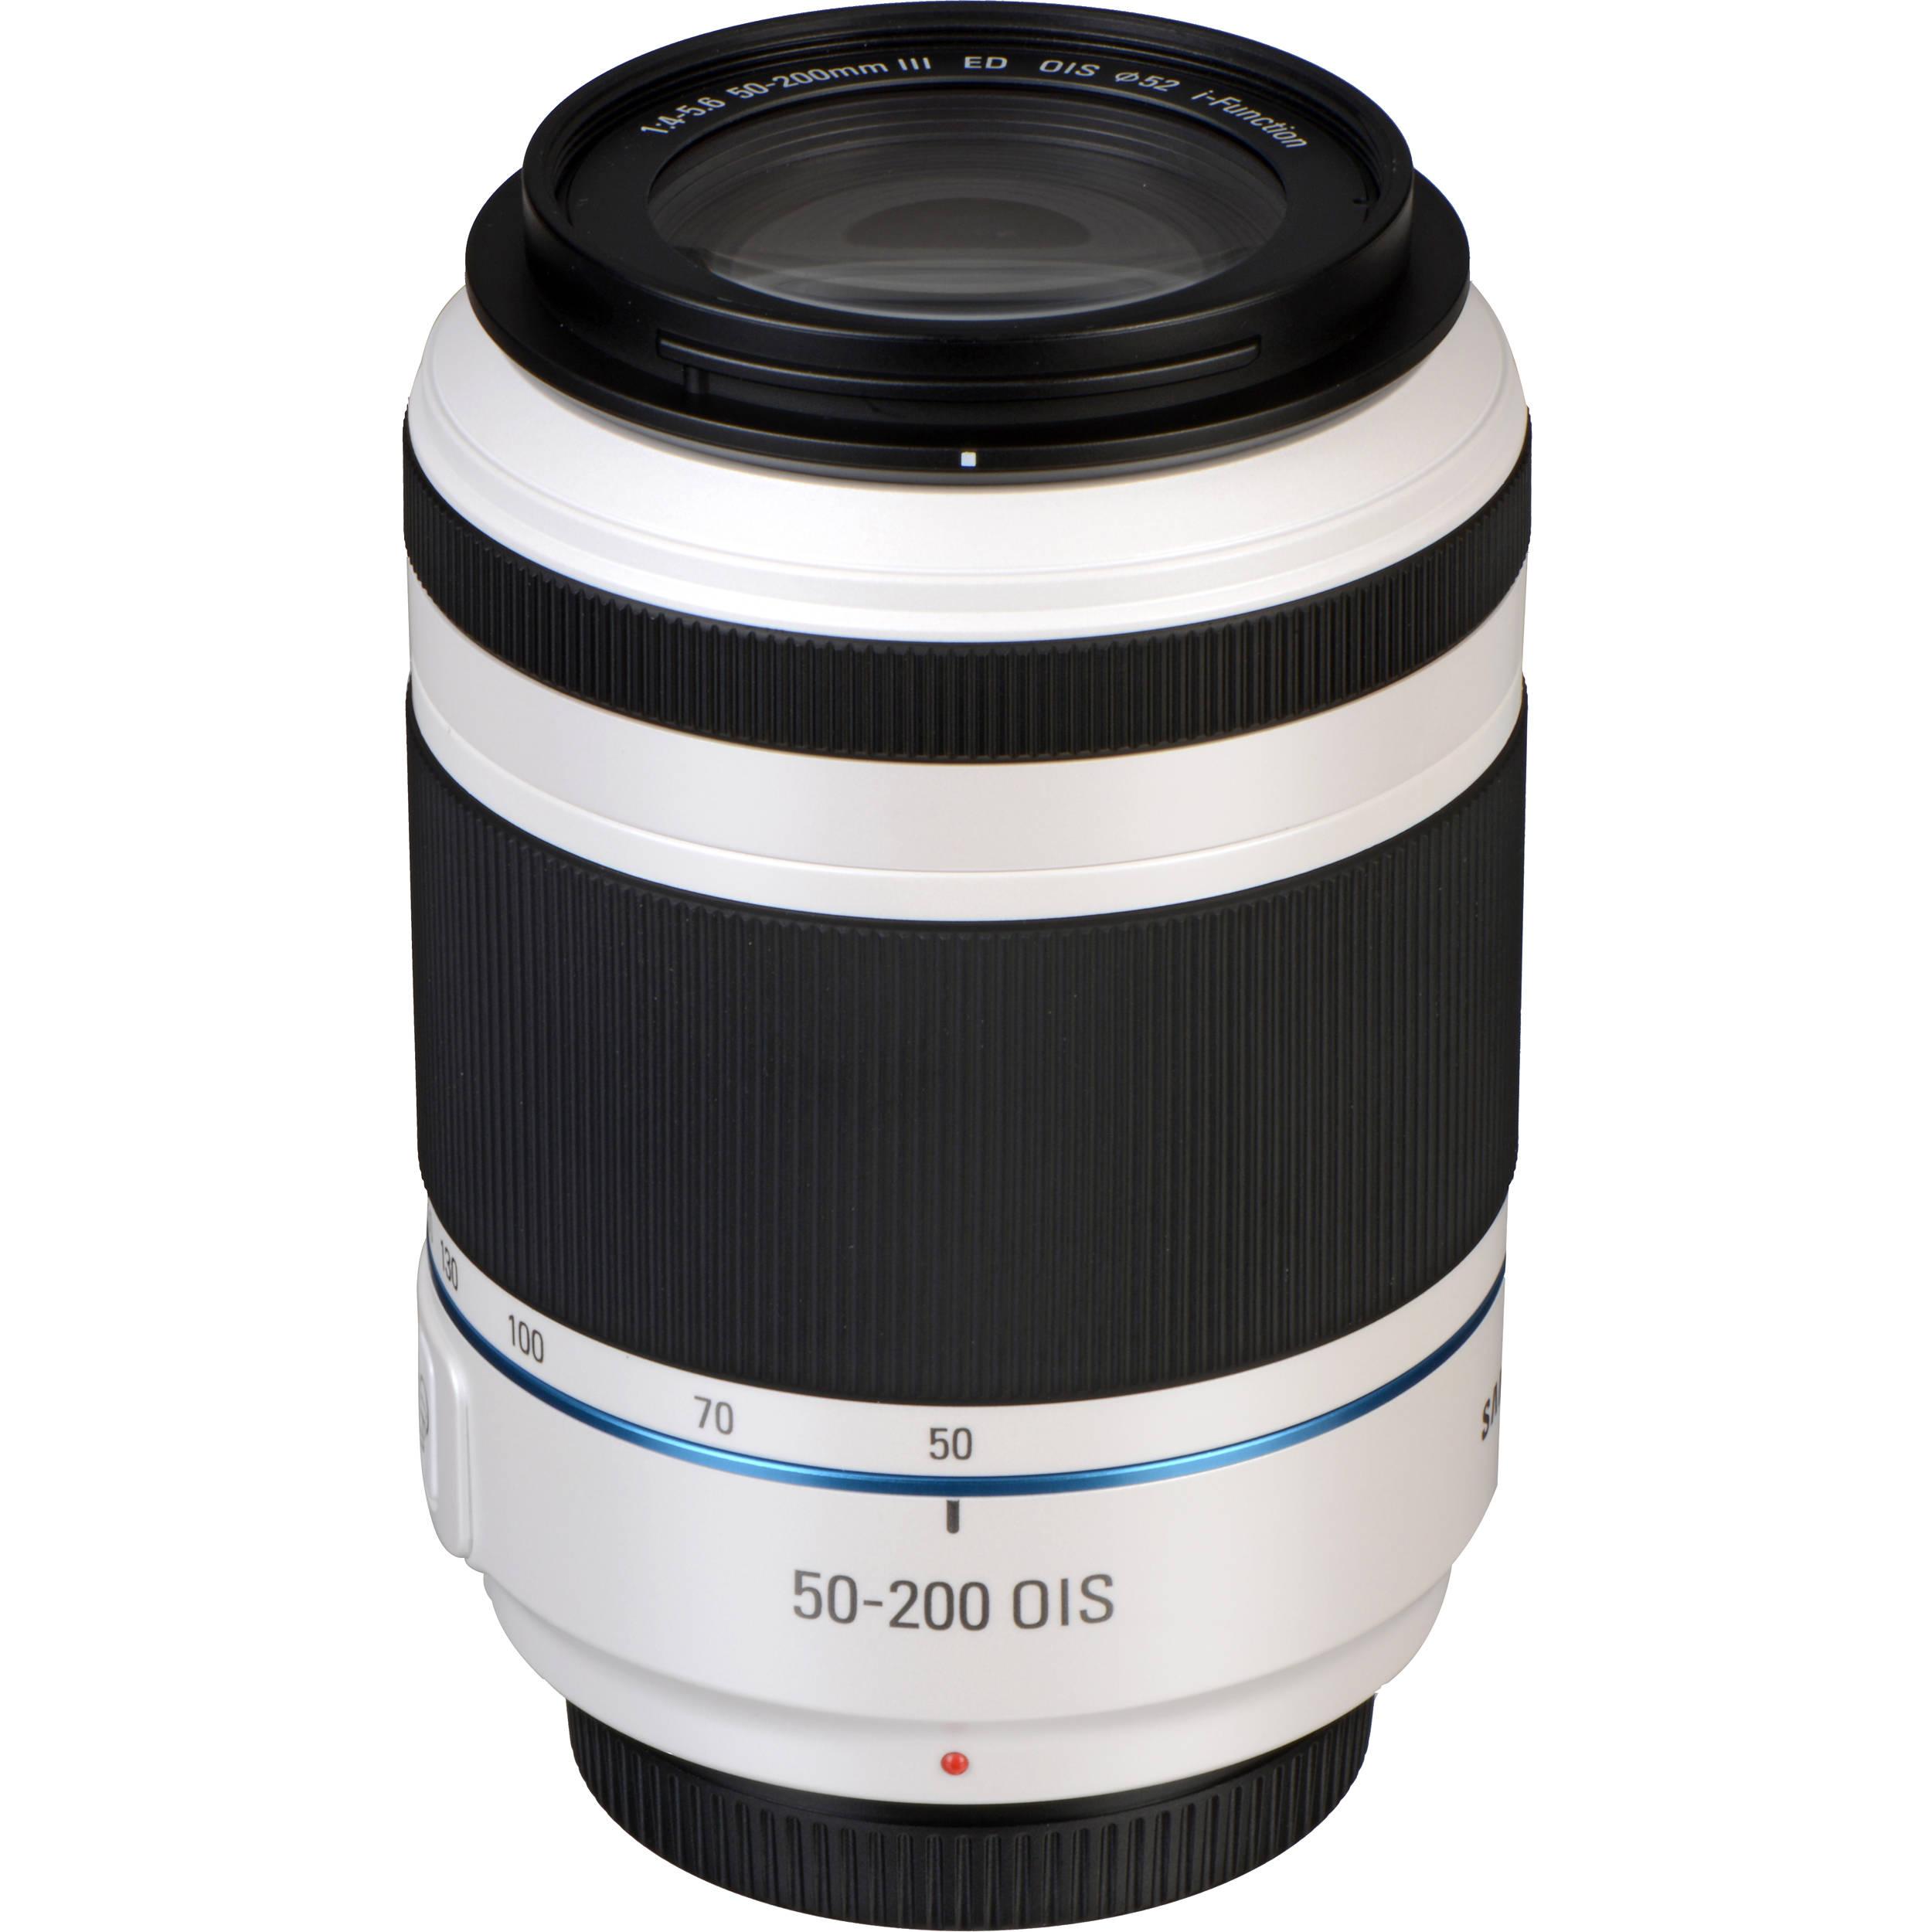 Samsung NX 50-200mm Negro Lente F//4.0-5.6 OIS III ED